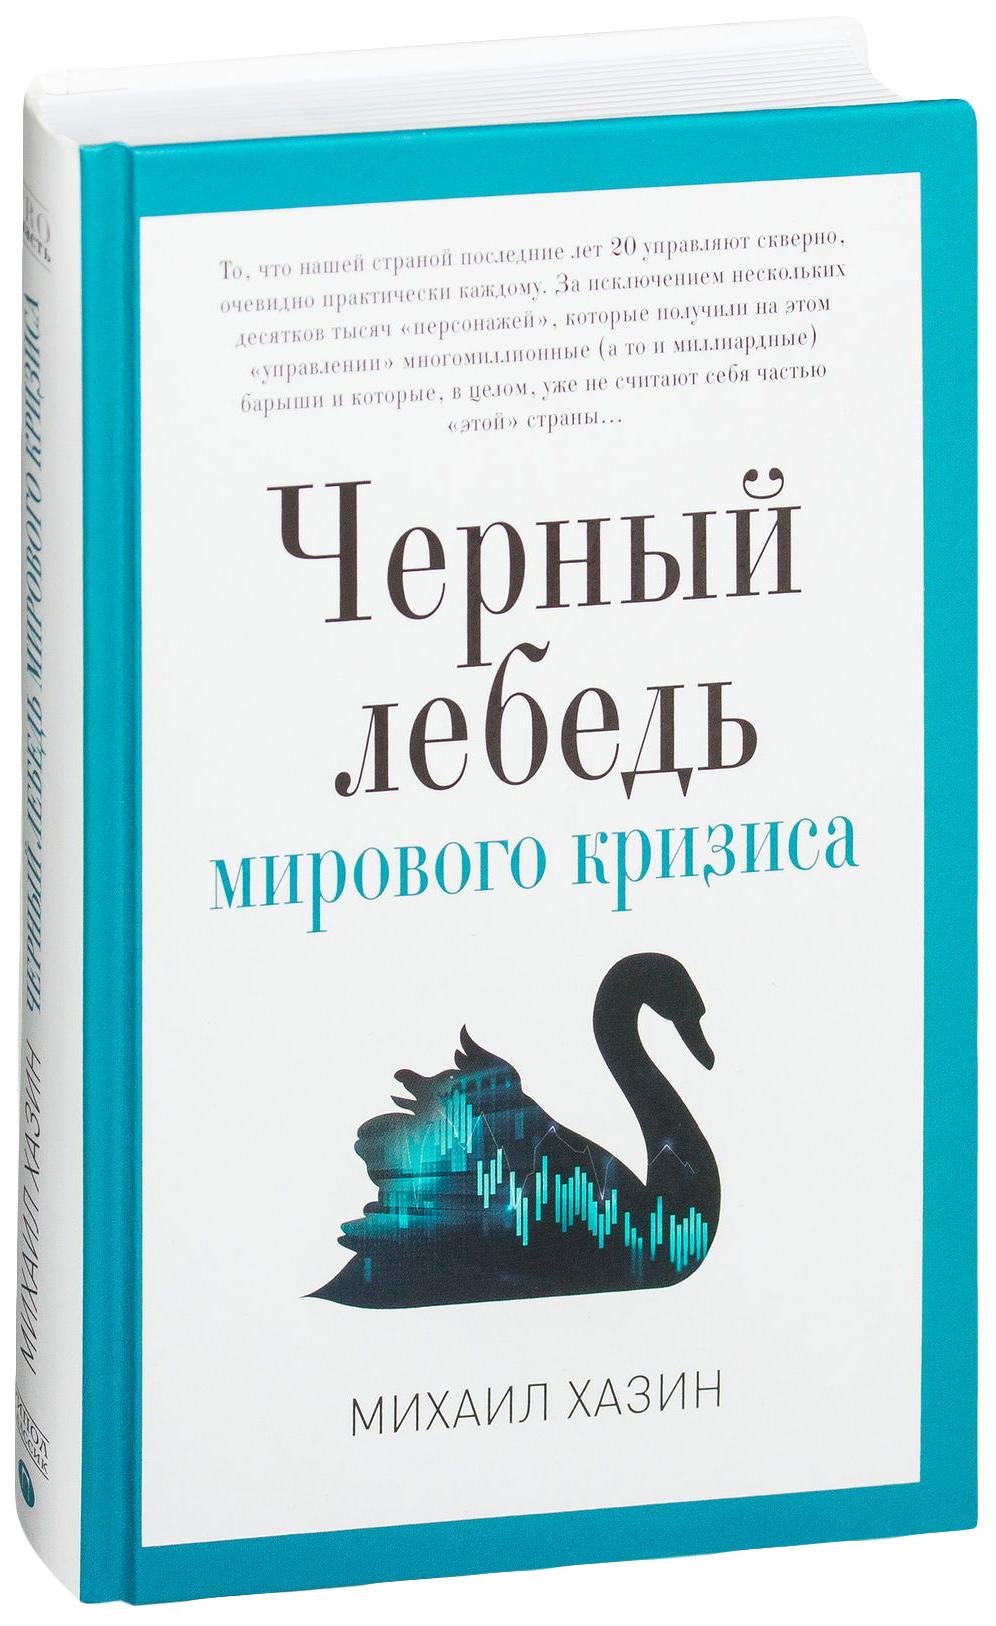 Книга пальмира Хазин Михаил Черный лебедь Мирового кризиса фото